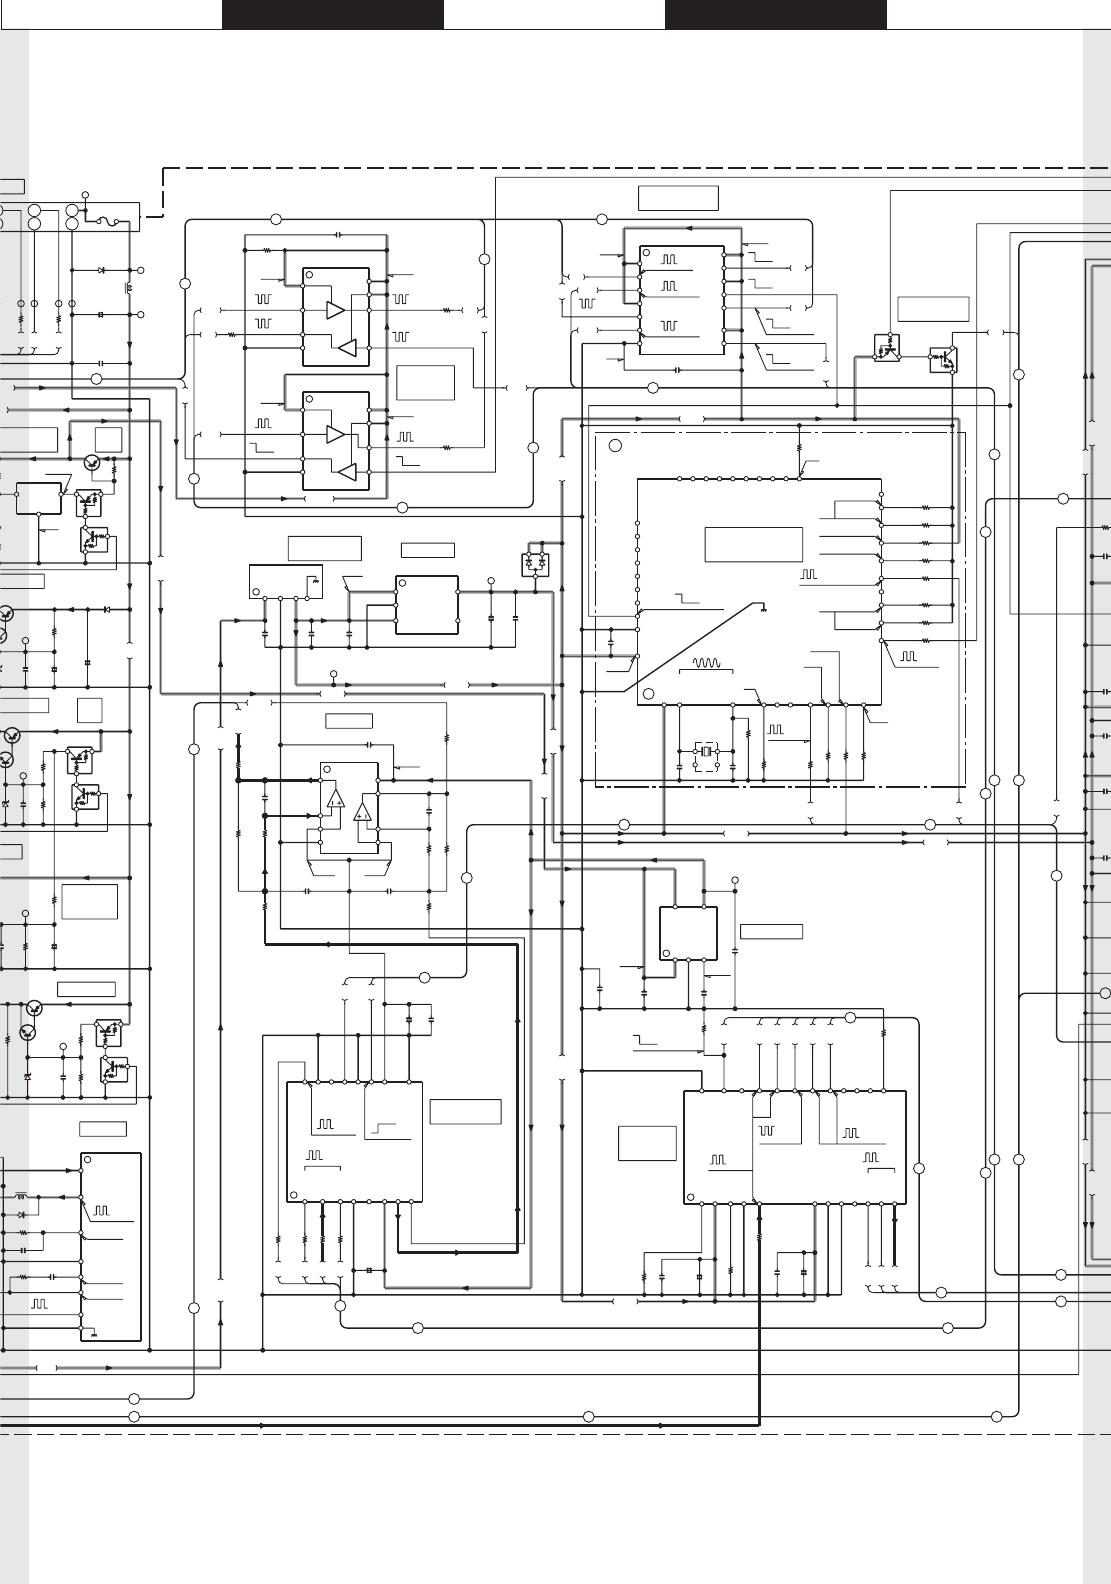 Kdc Kenwood Model 122 Color Wiring Diagram 25